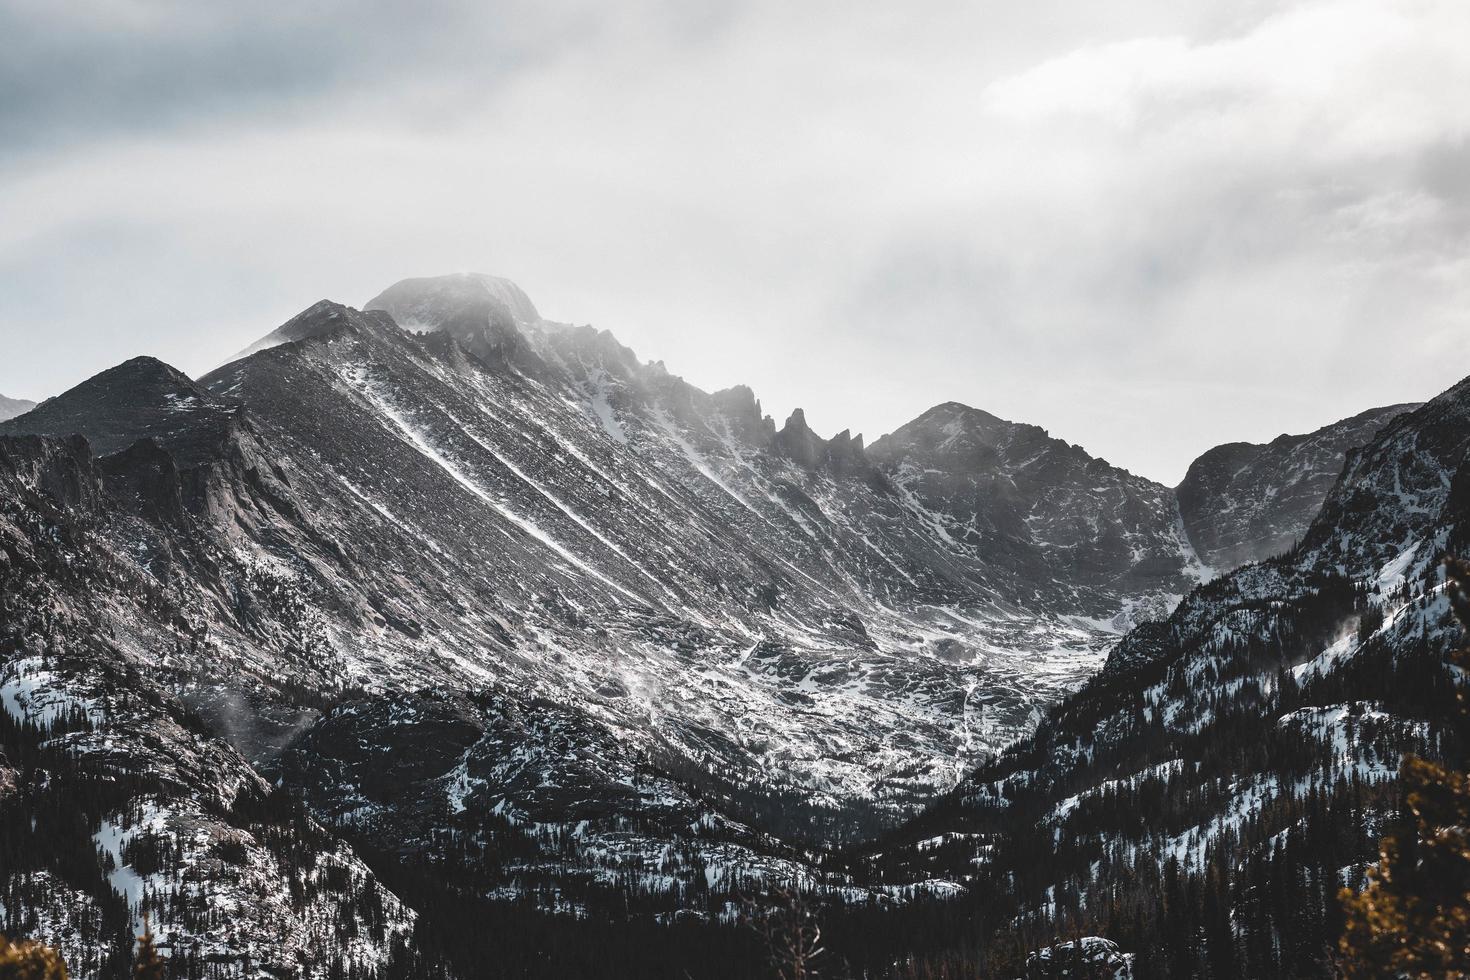 Snowy rocky mountain photo